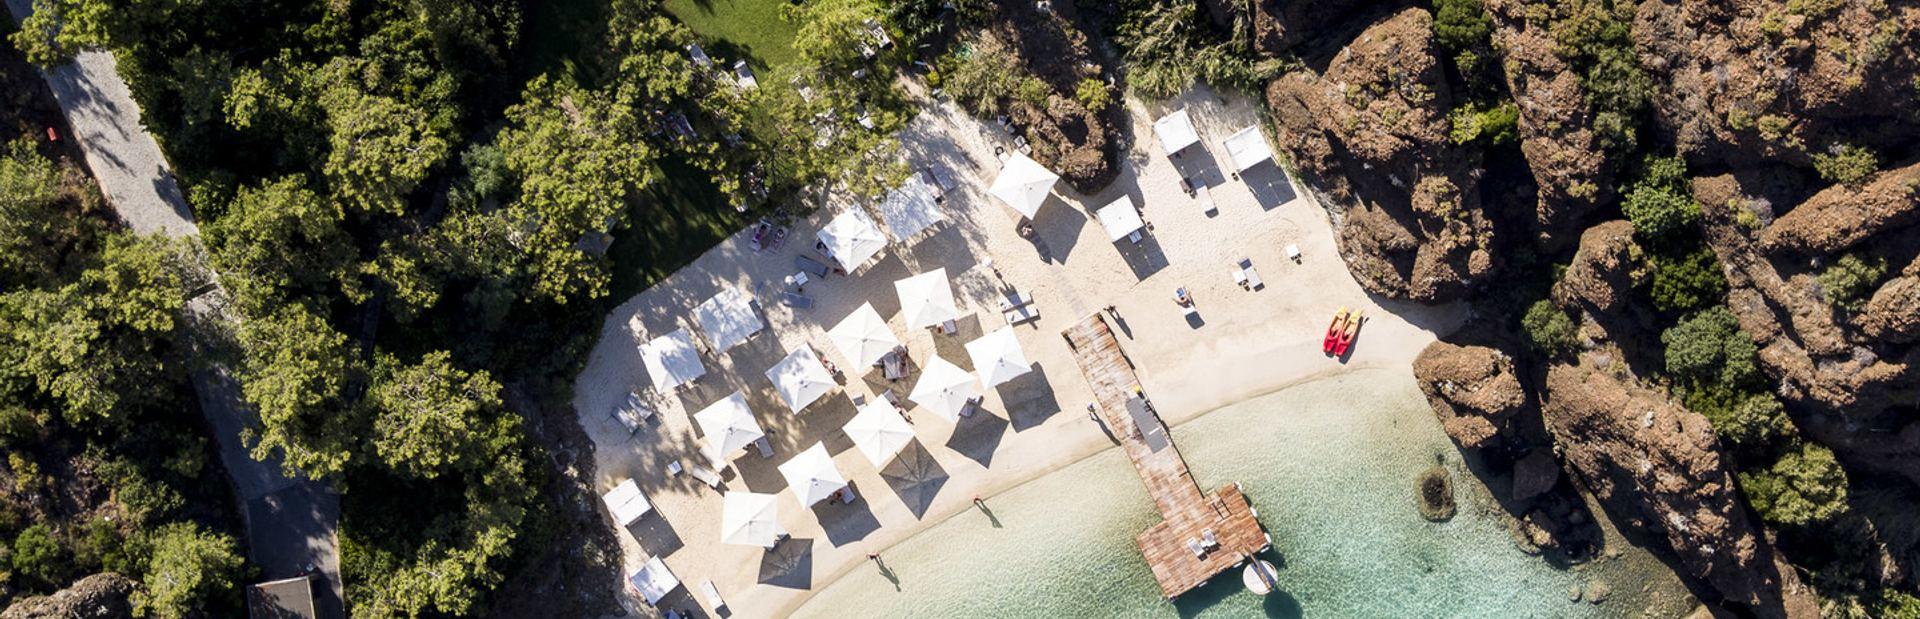 D Maris Bay Image 1